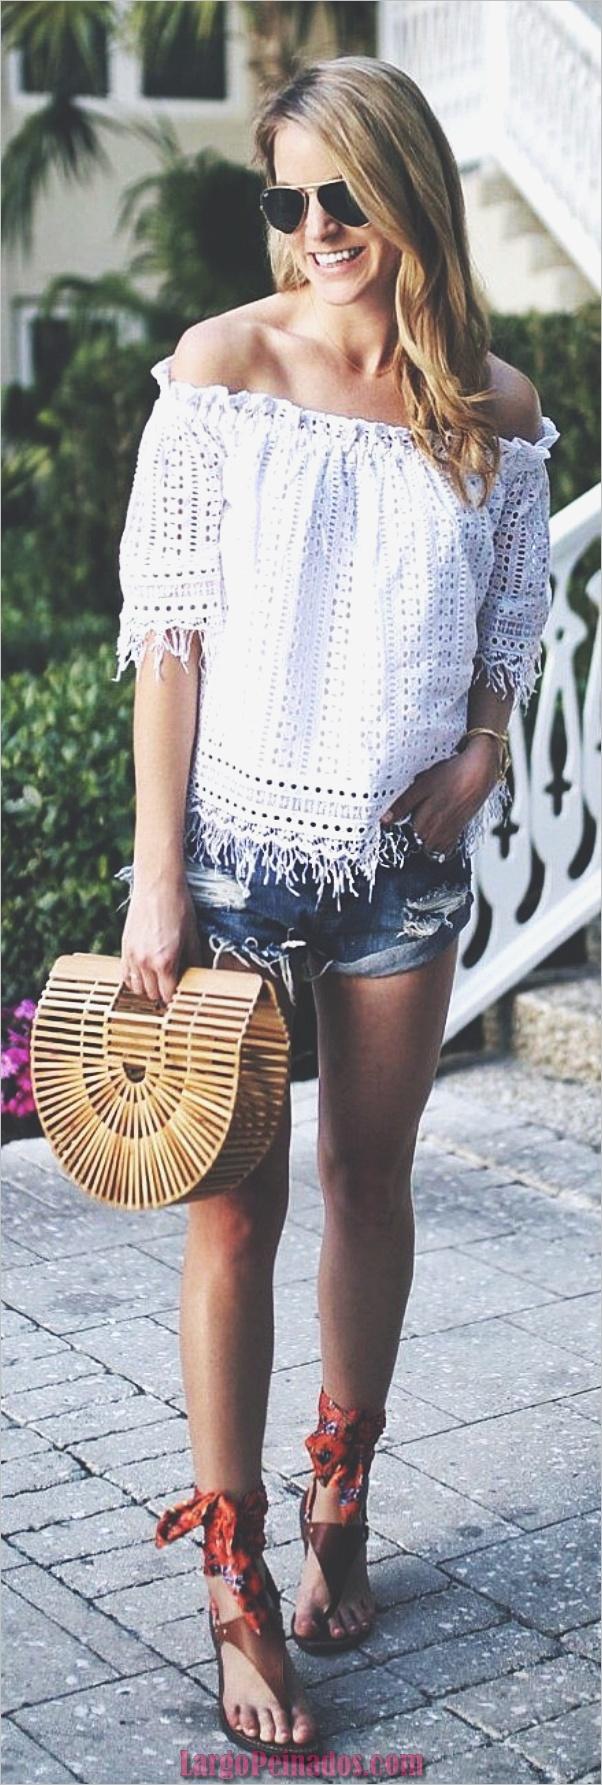 Lindos trajes de verano para copiar15